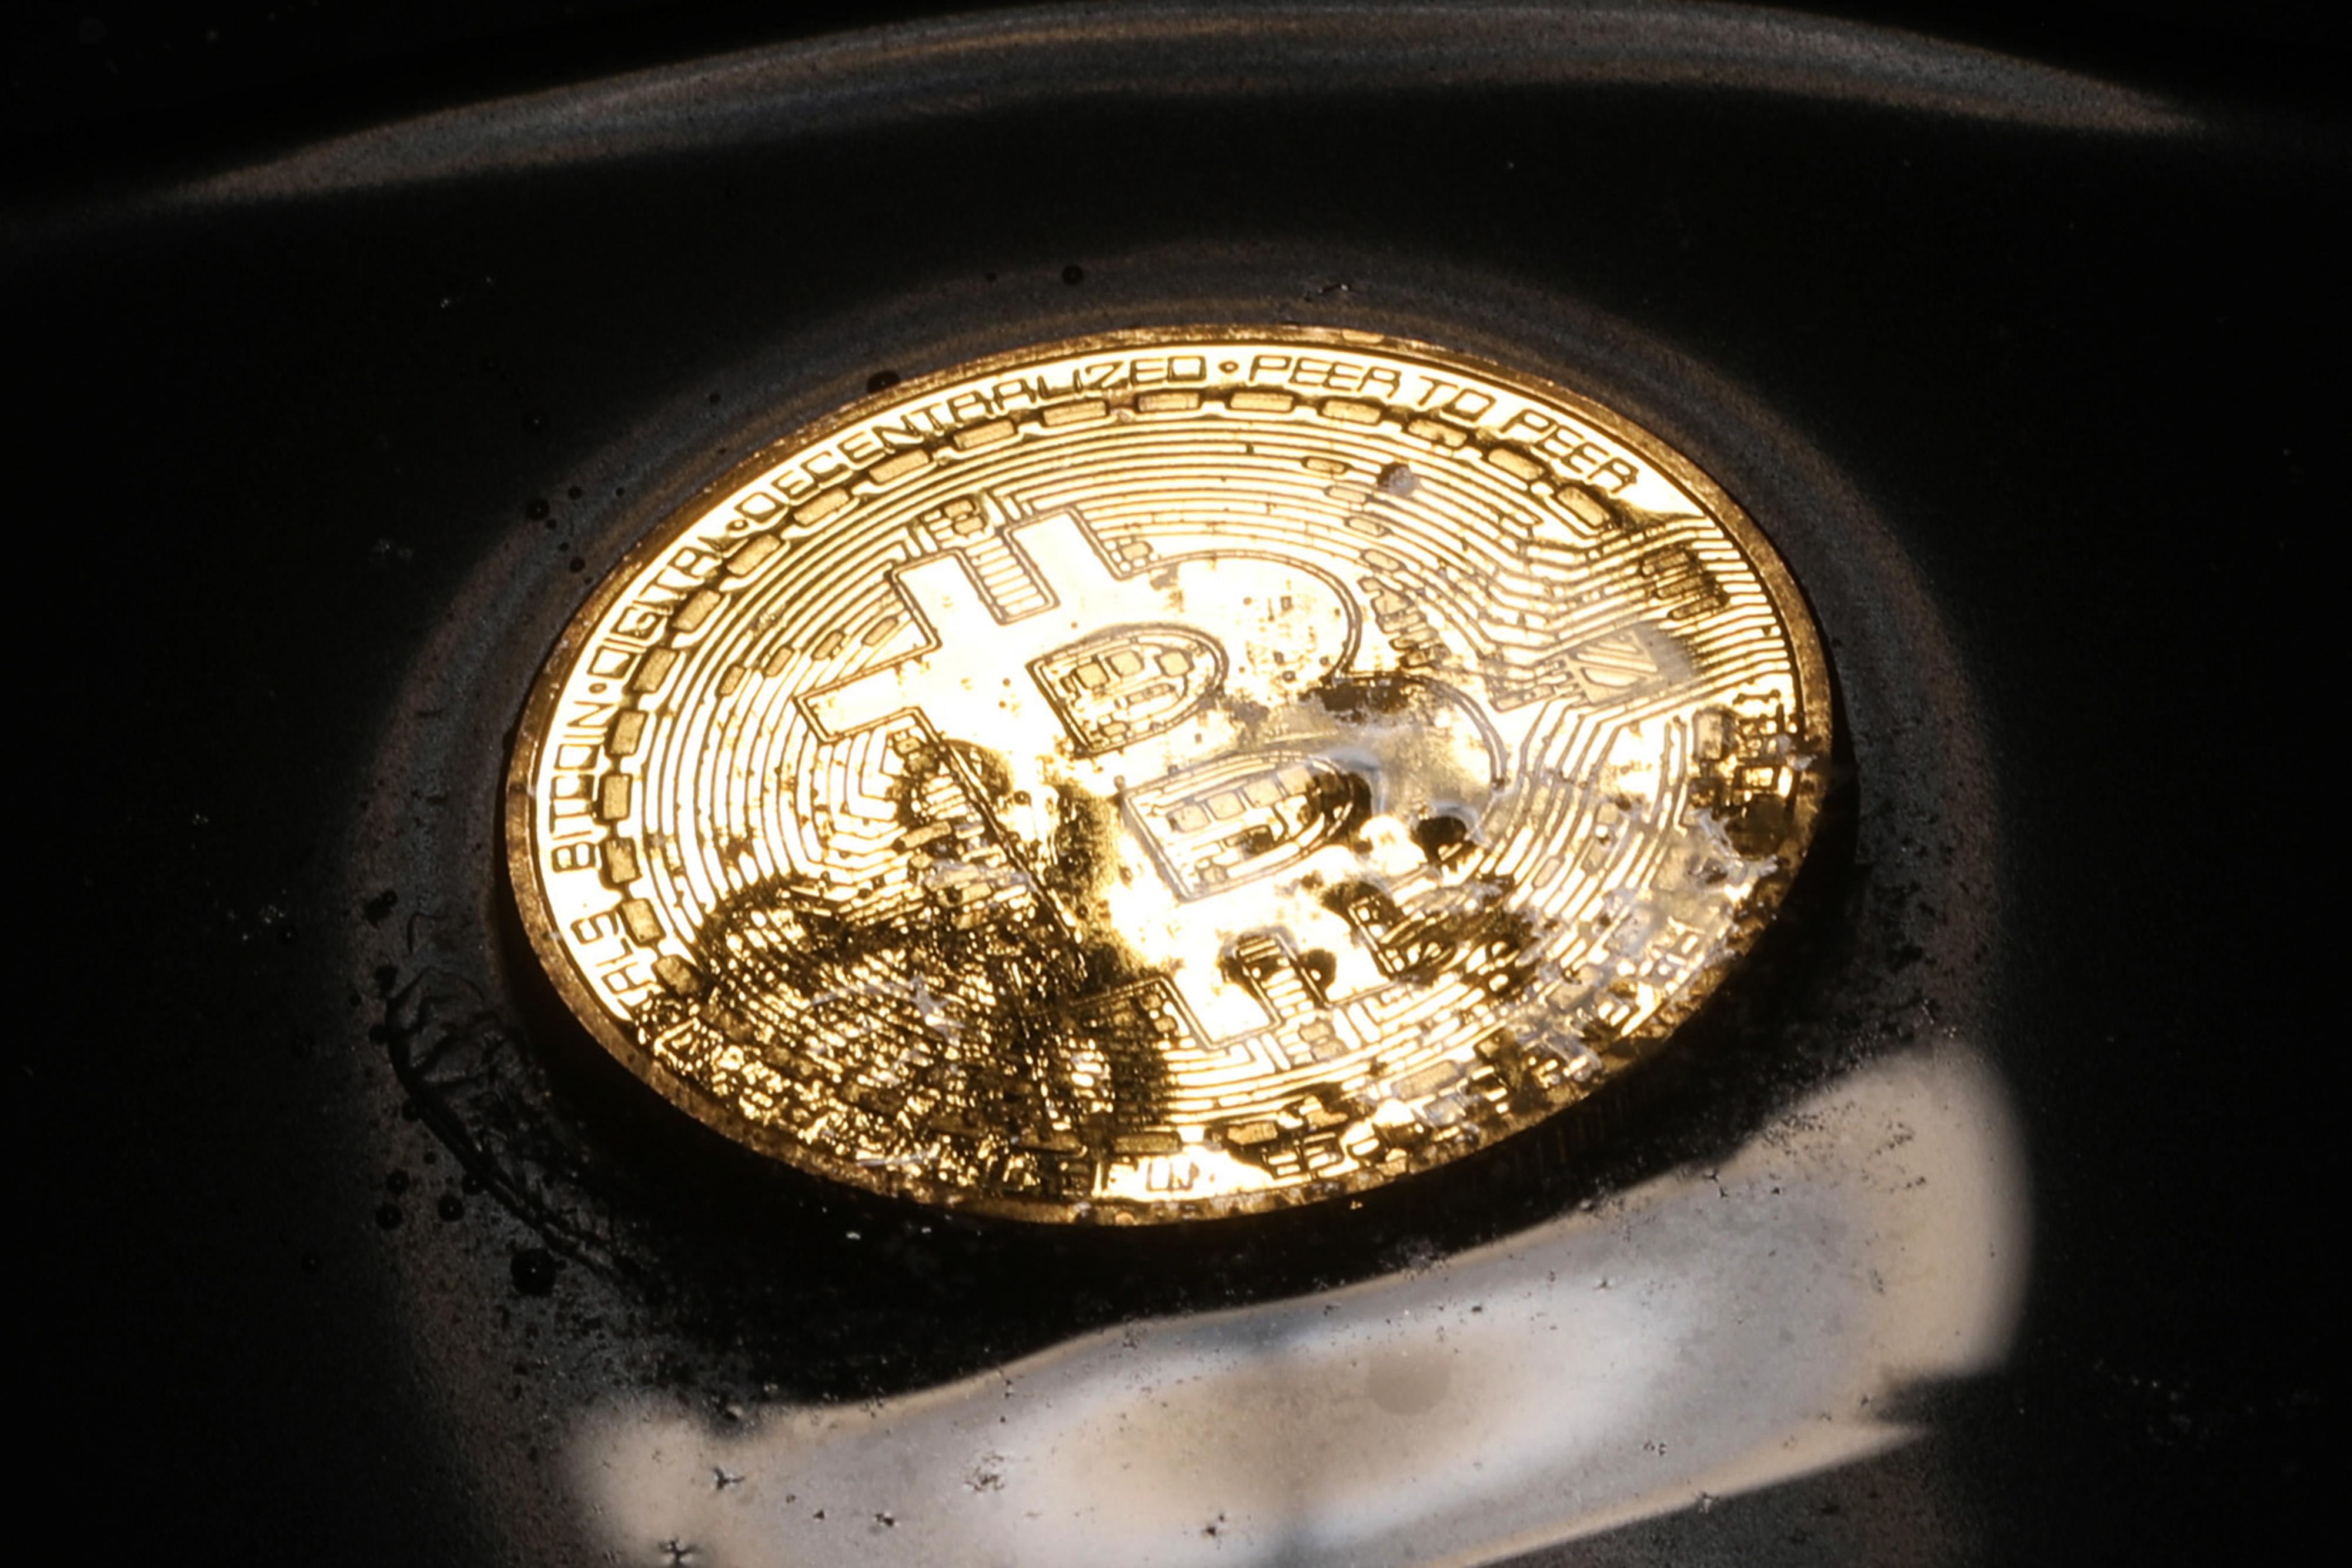 https://assets.sourcemedia.com/f7/20/0d5bd0b4491b88877cc9e5d3e224/bitcoin-bl-020718.jpg